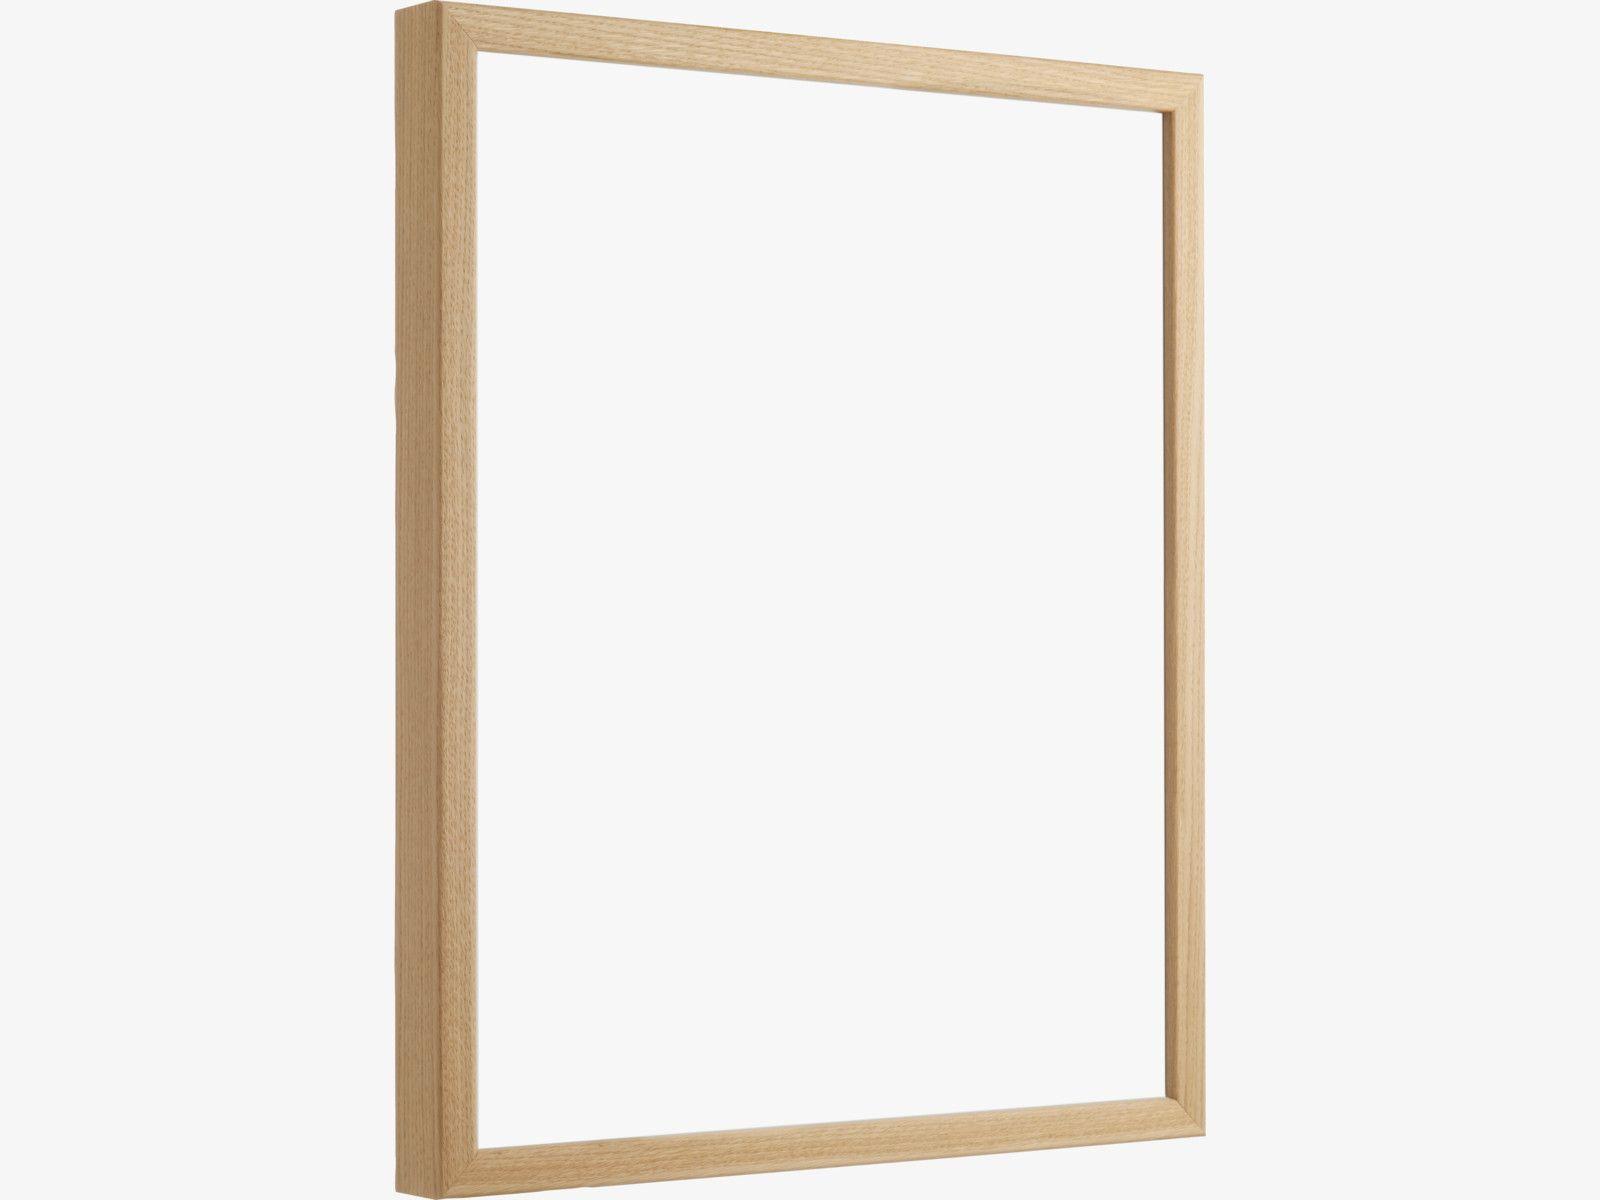 Leven natural wood 40 x 50cm 16 x 20 oak picture frame leven natural wood 40 x 50cm 16 x 20 oak picture frame habitatuk jeuxipadfo Images